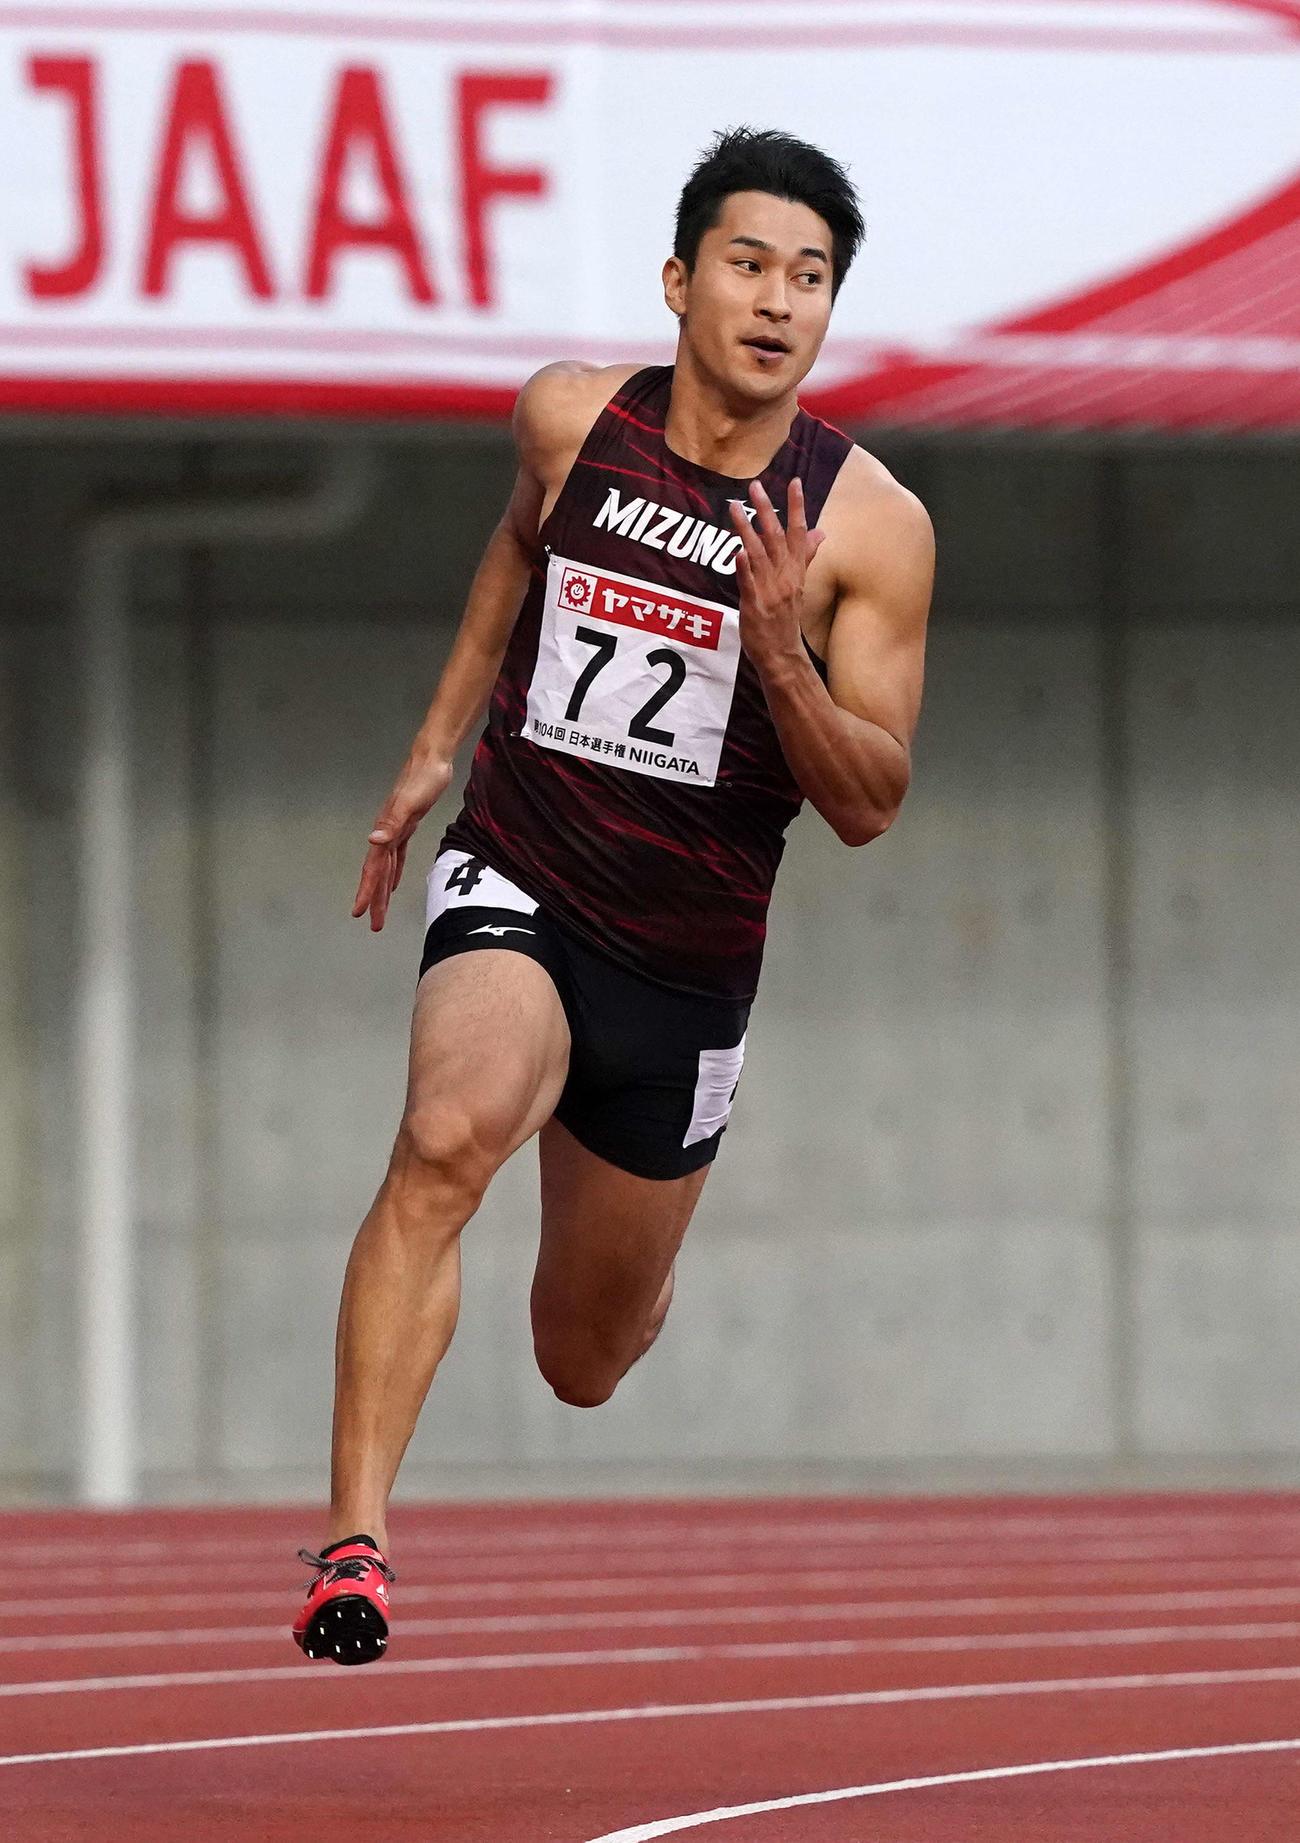 飯塚翔太が太もも前部の筋力強化、より鋭い加速へ - 陸上 : 日刊スポーツ